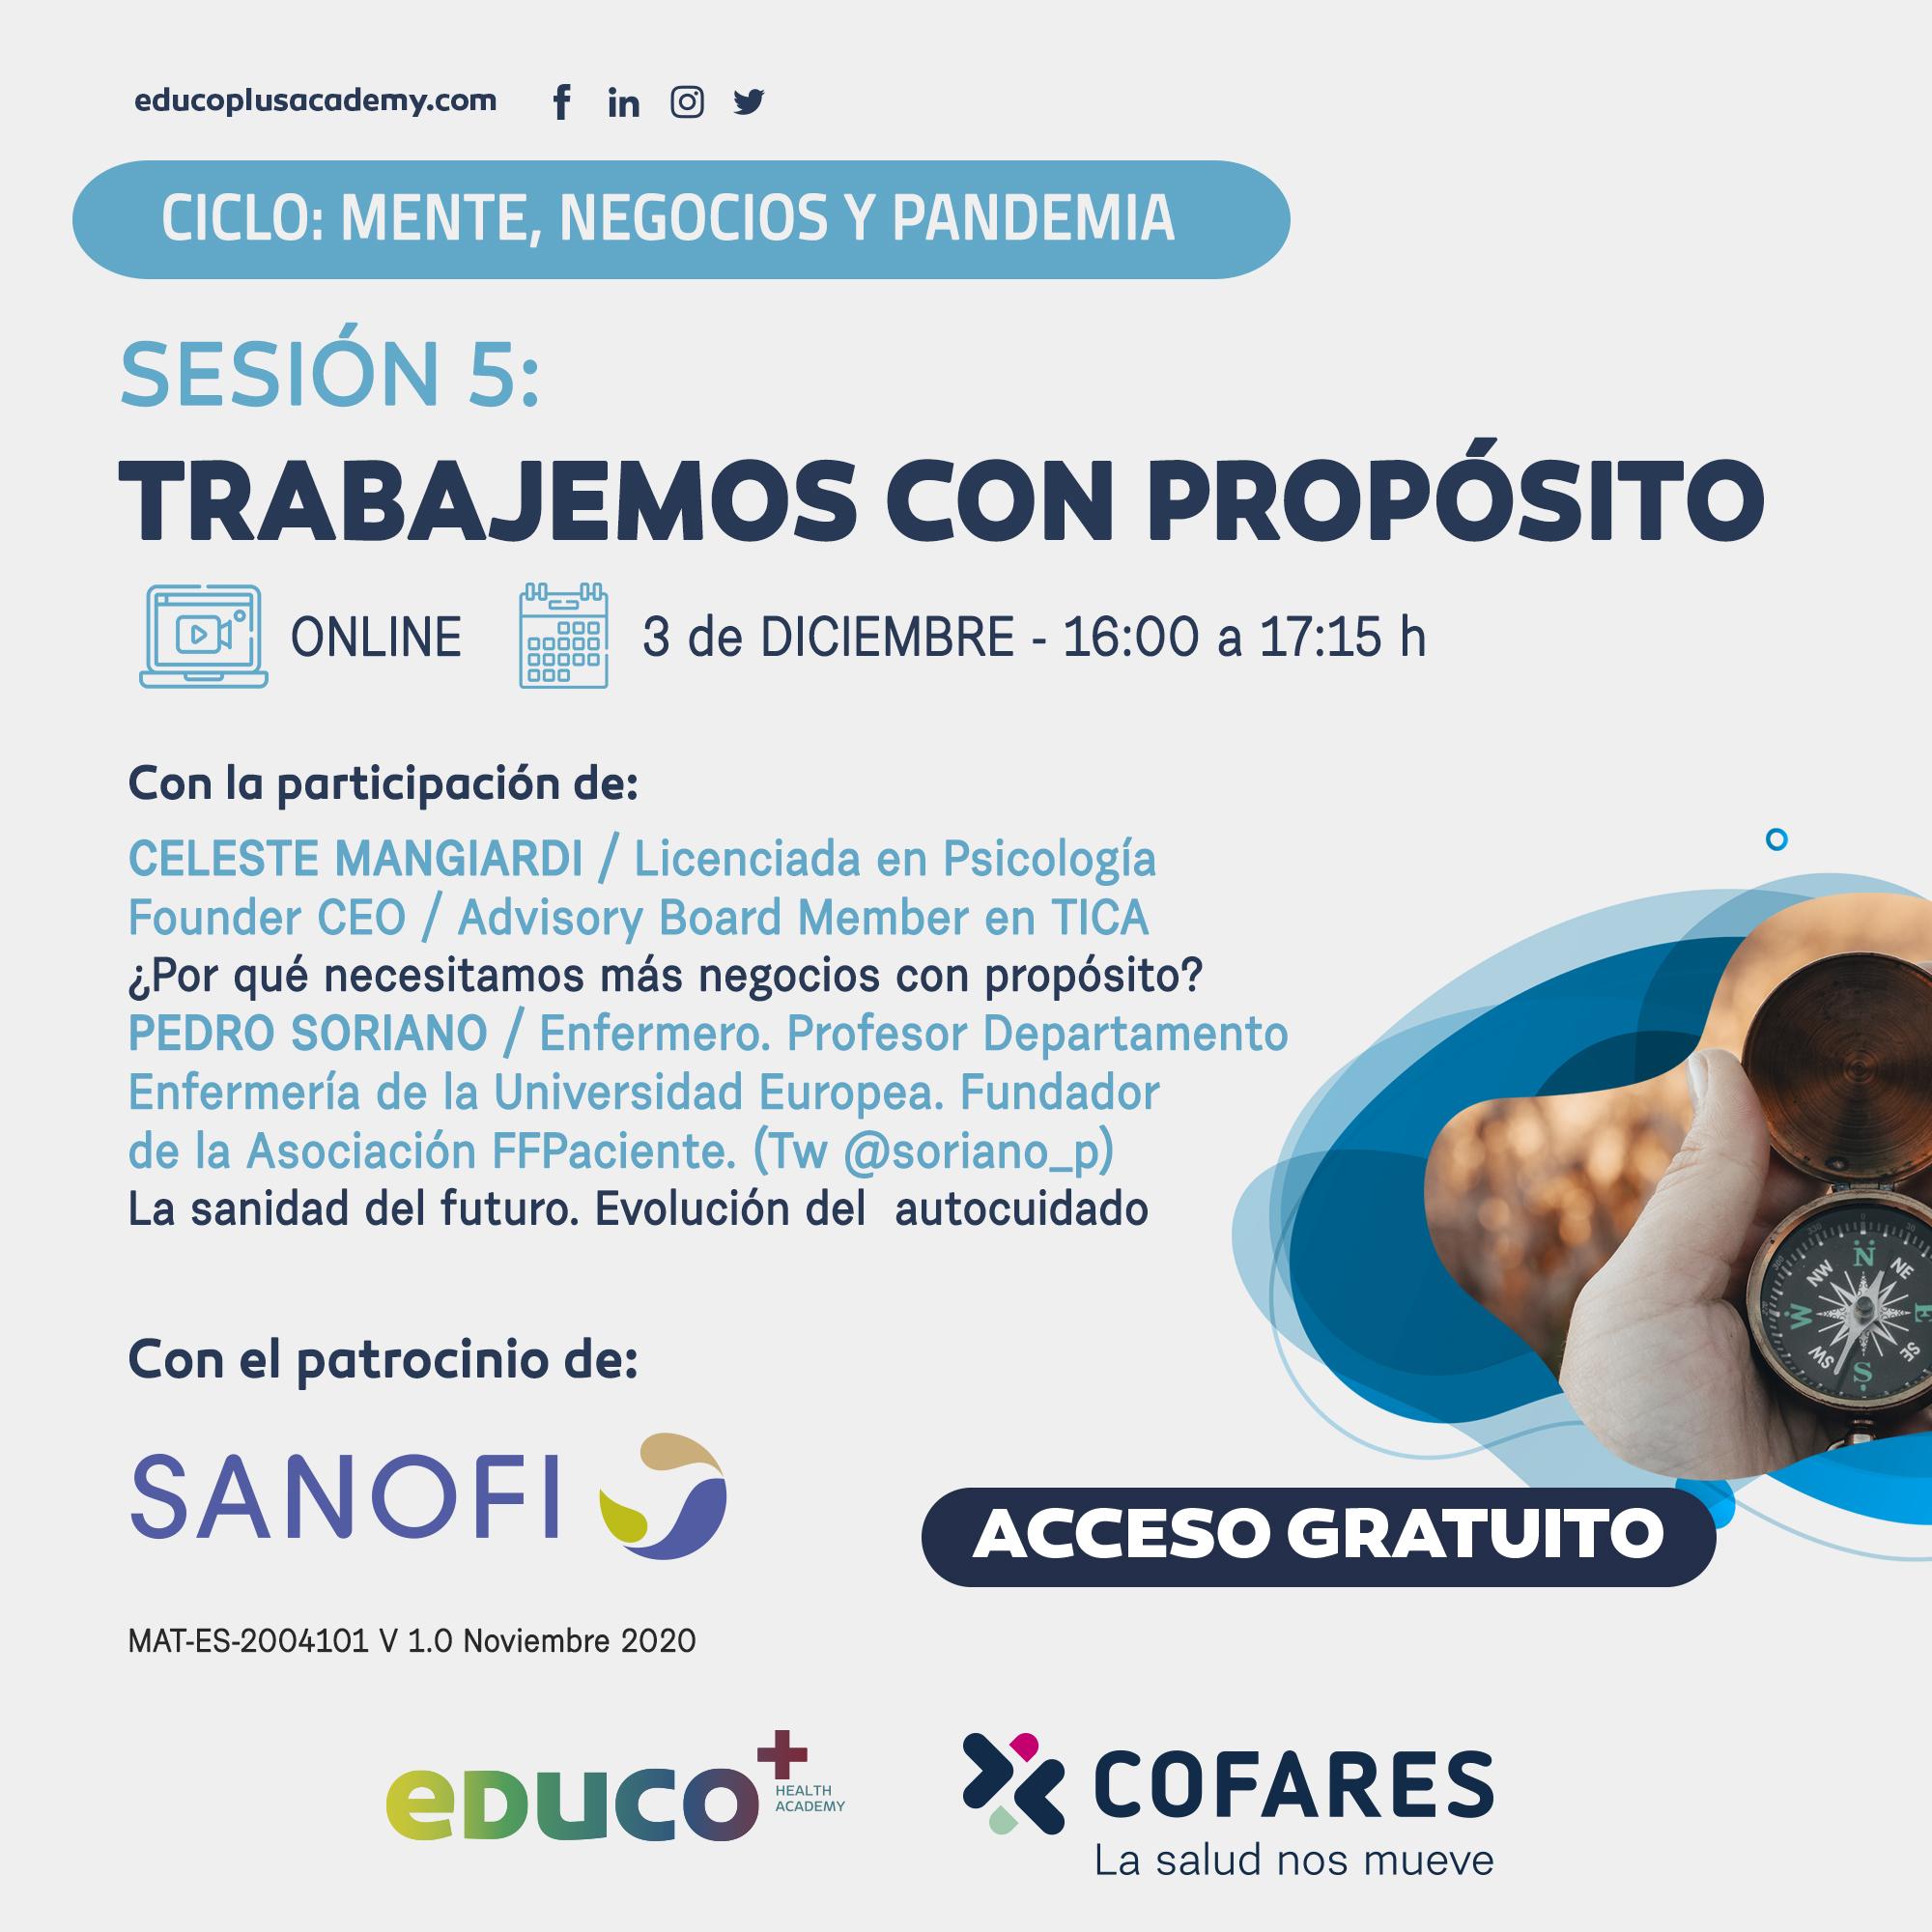 Sanofi Ciclo Desafios S5 3 Diciembre Insta Whats 2 - Nuevos cursos para farmacéuticos de eDuco+ en diciembre